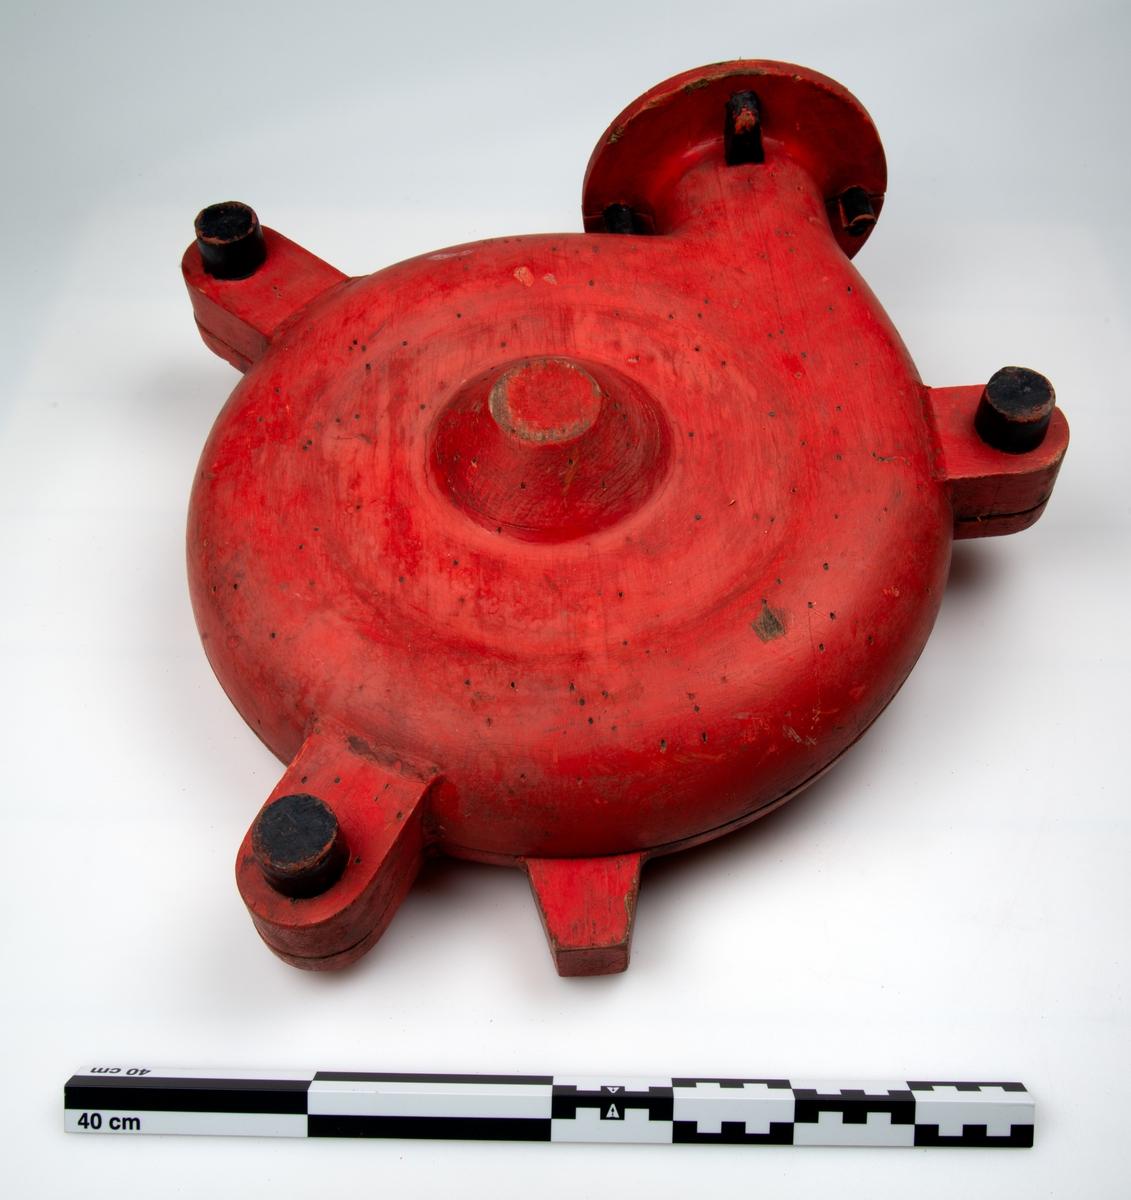 Gjenstanden har to halvdeler. Gjenstandens form er kompisert Gjenstandene er malt i rødt og sort.